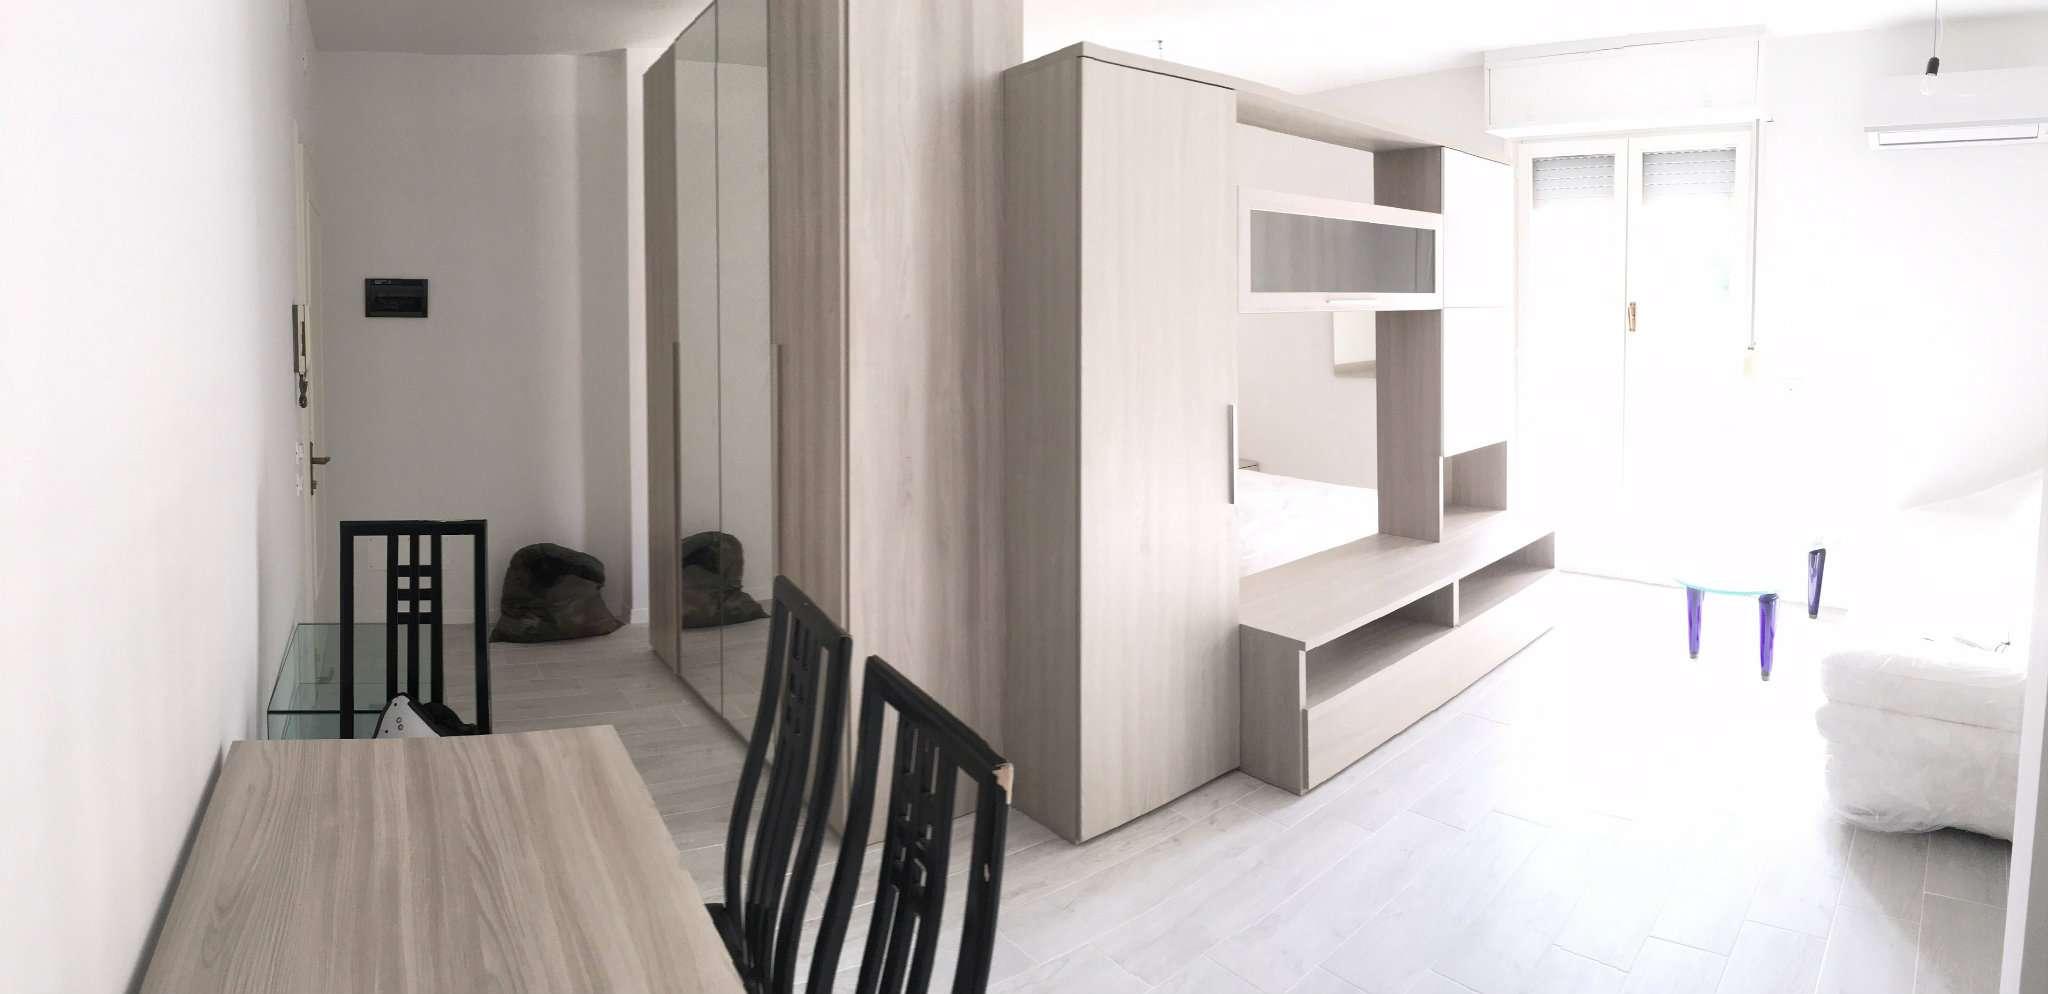 Appartamento in vendita a Mirano, 9999 locali, prezzo € 73.000 | CambioCasa.it